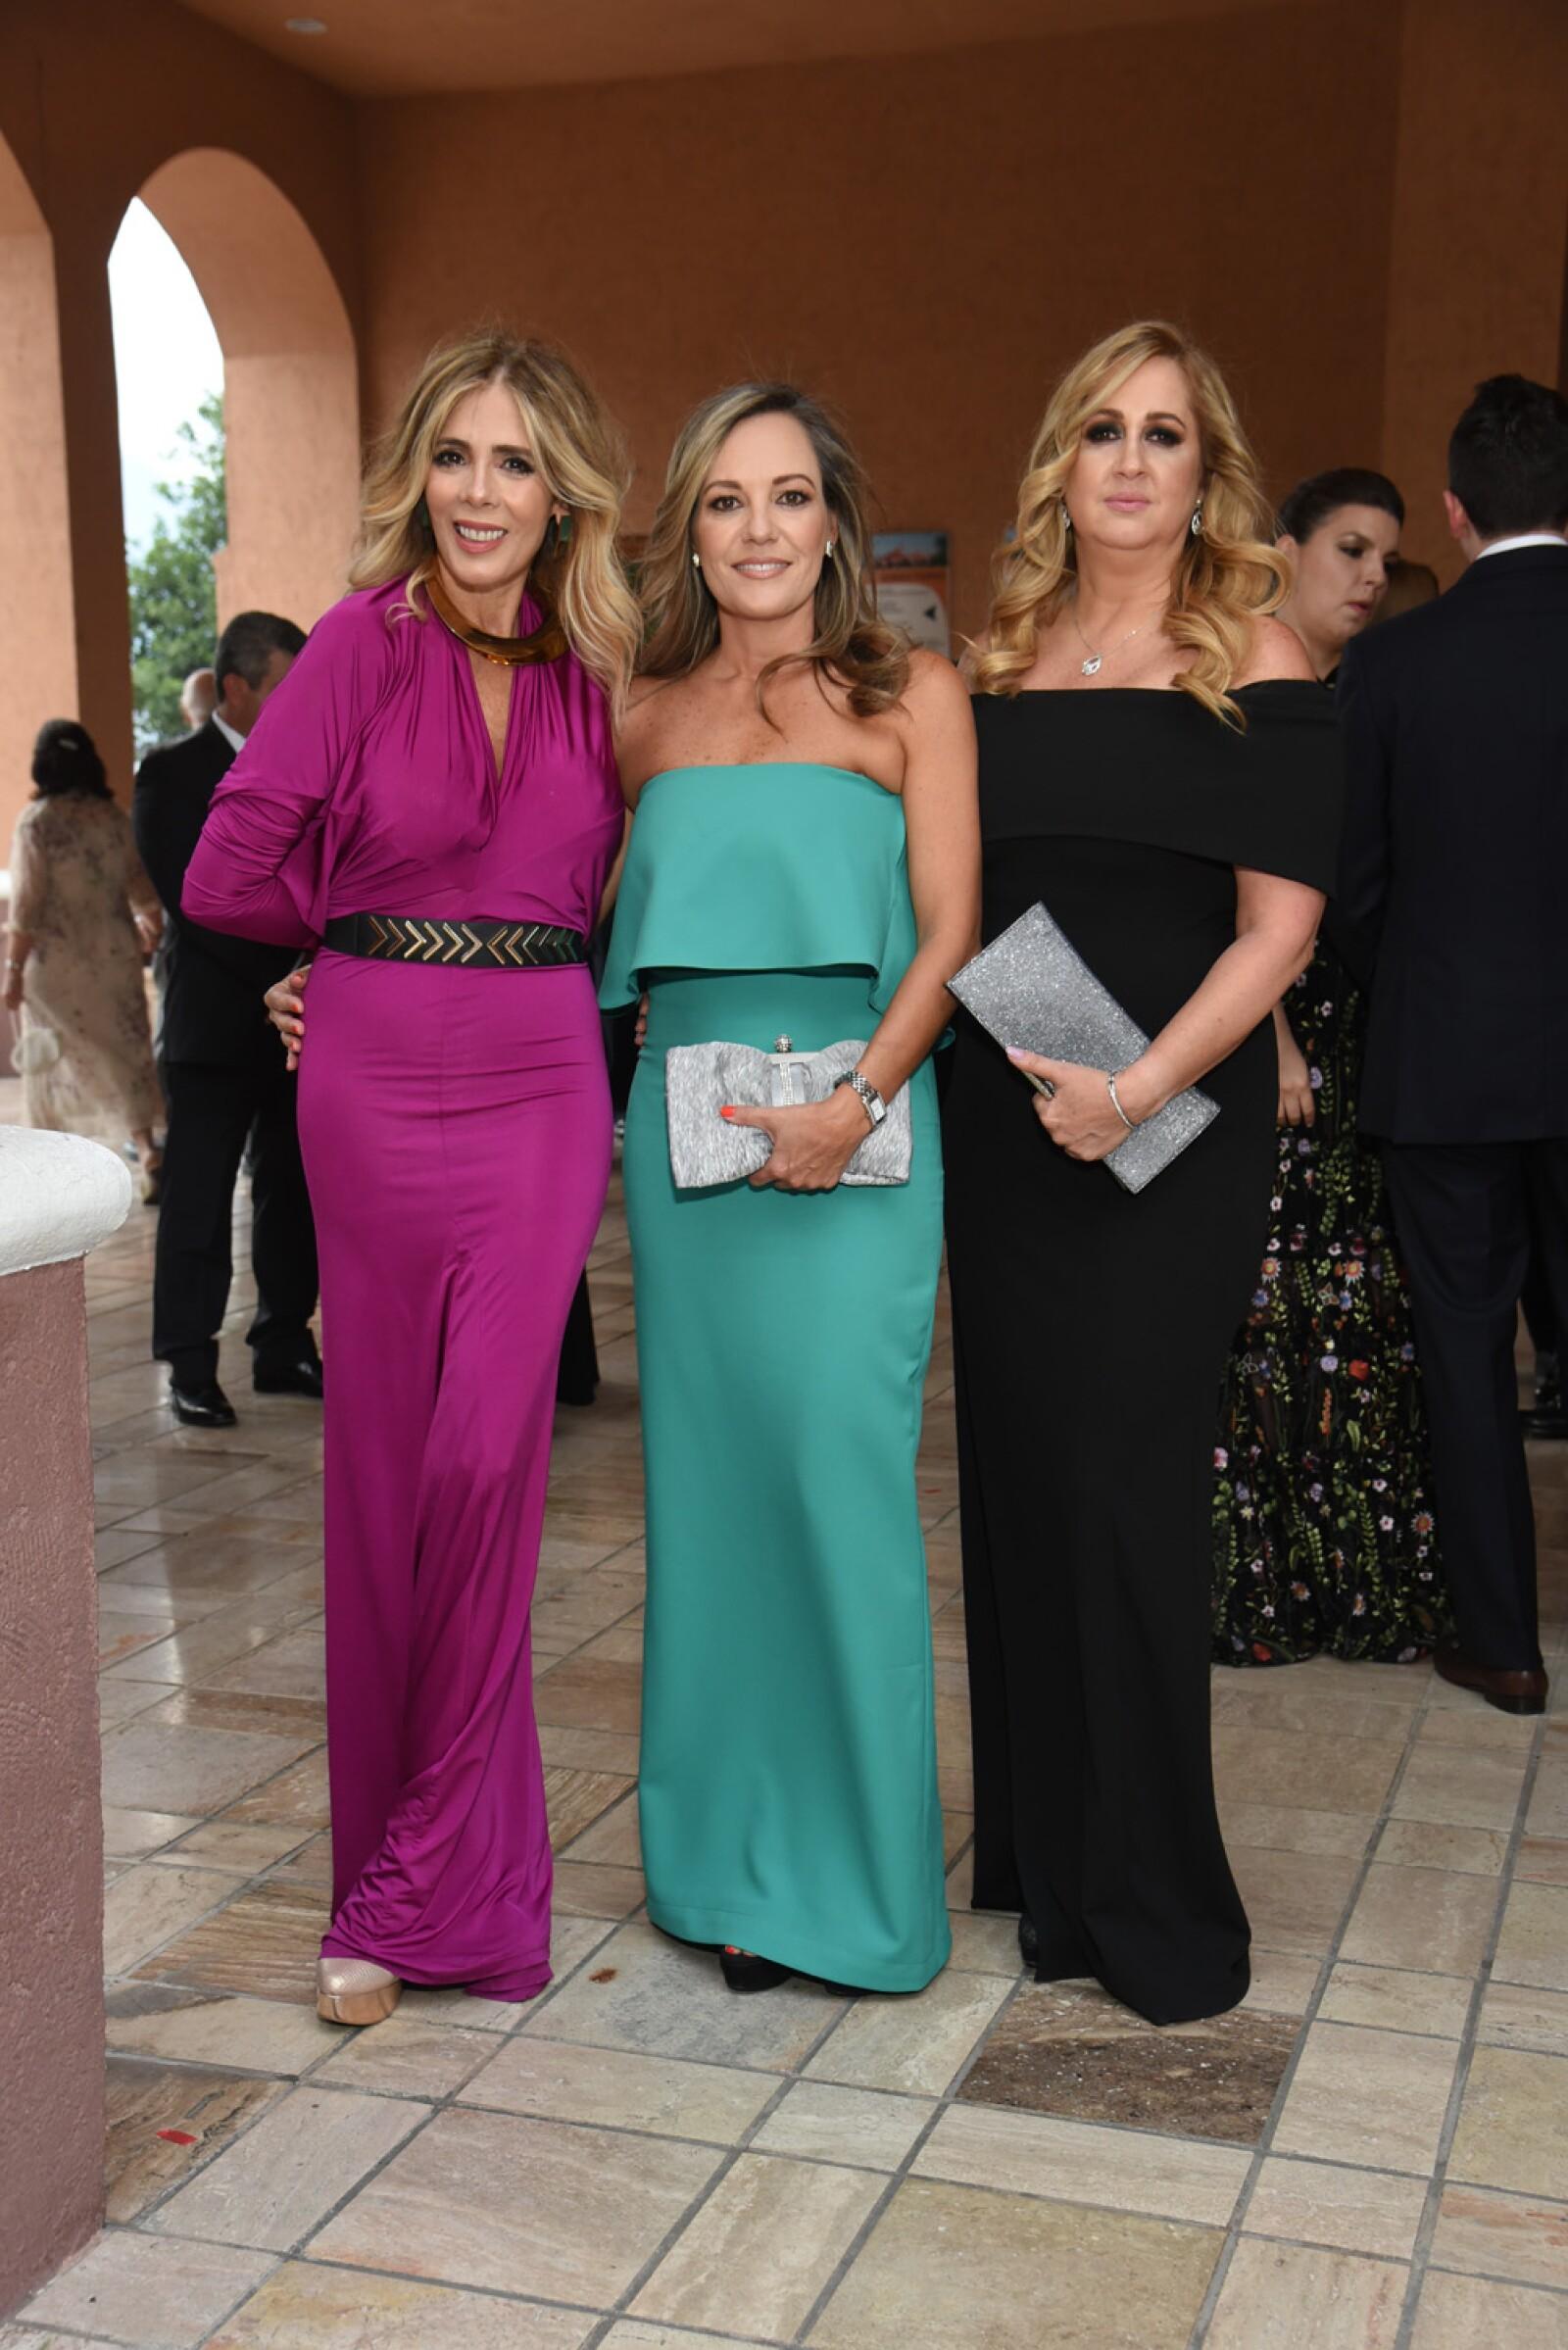 Susana Altamirano, Mariam del Valle y Mar°a Elena Villarreal.jpg